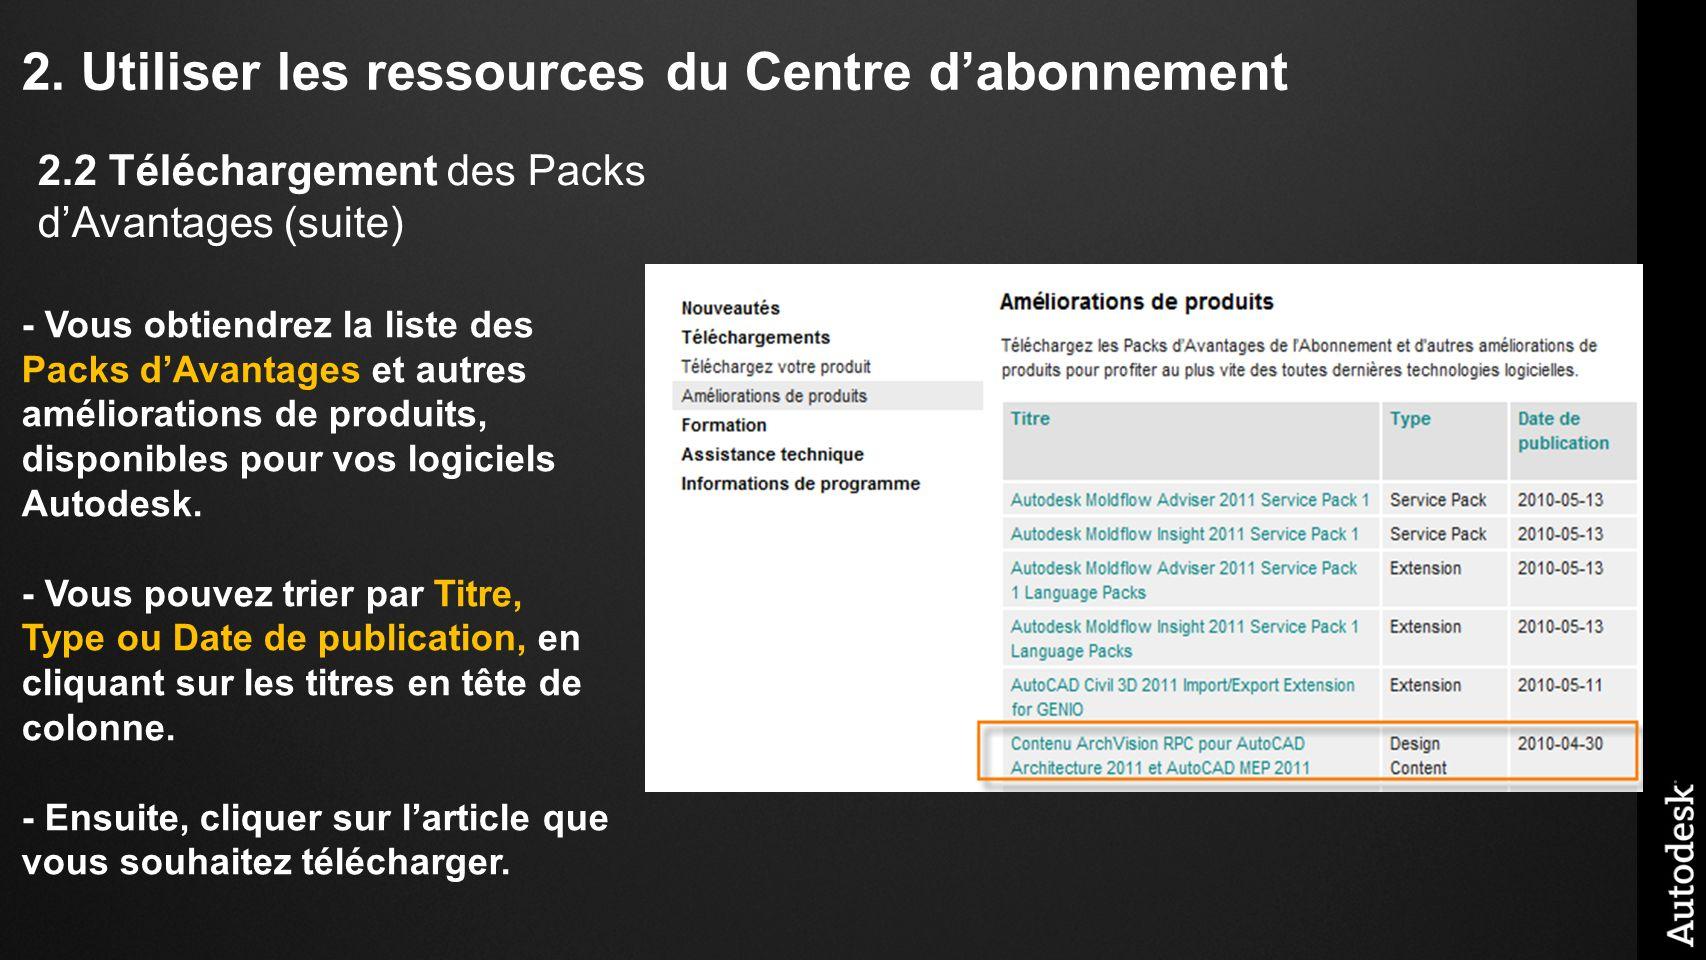 2. Utiliser les ressources du Centre dabonnement - Vous obtiendrez la liste des Packs dAvantages et autres améliorations de produits, disponibles pour